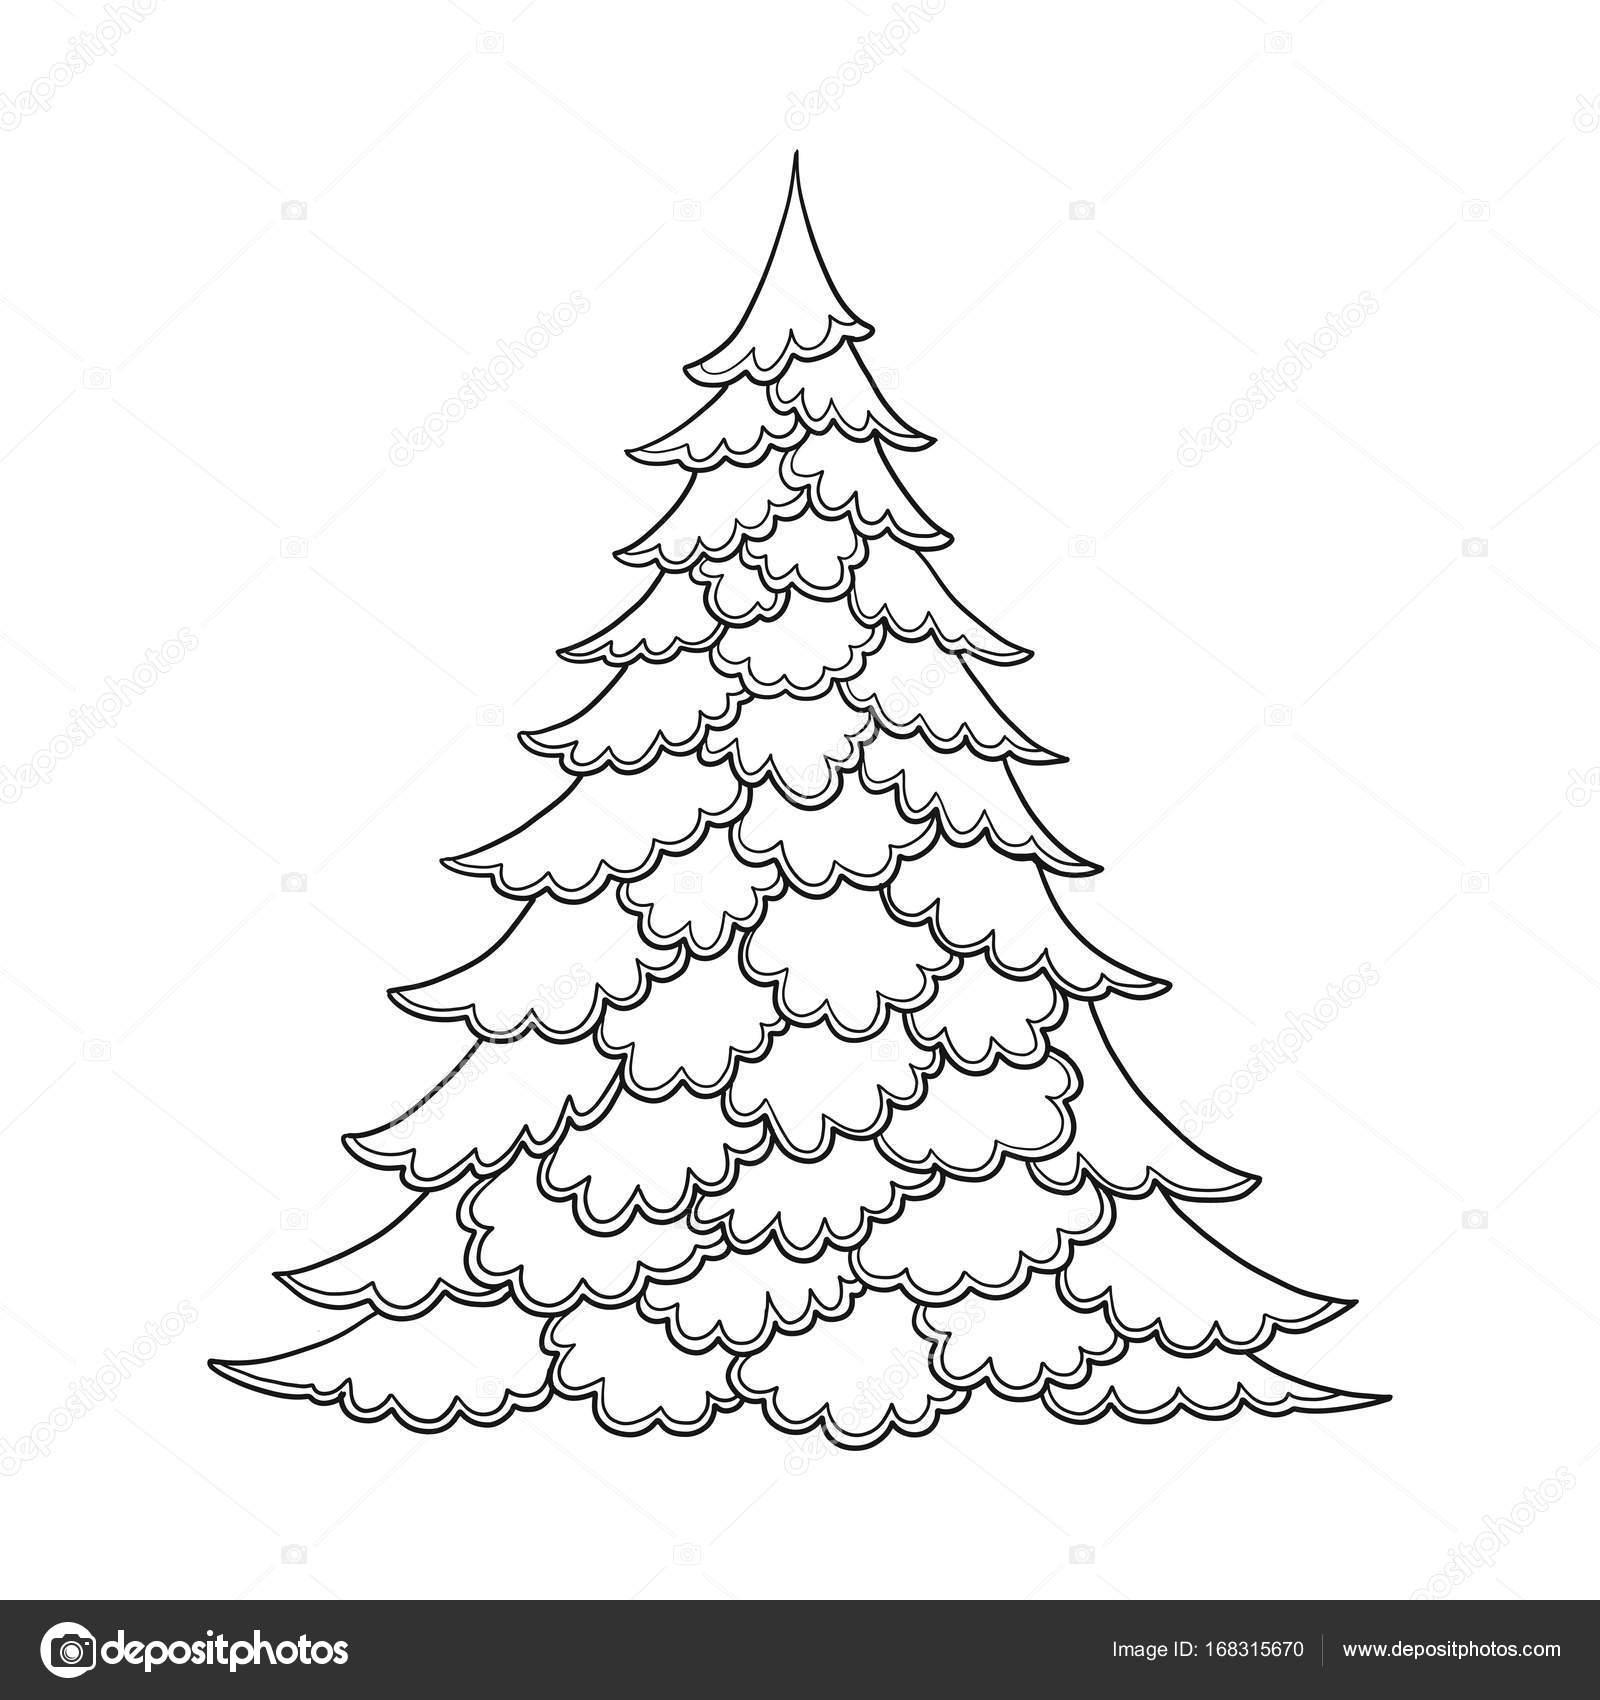 Albero Di Natale. Disegno Di Contorno. Buono Per Colorare